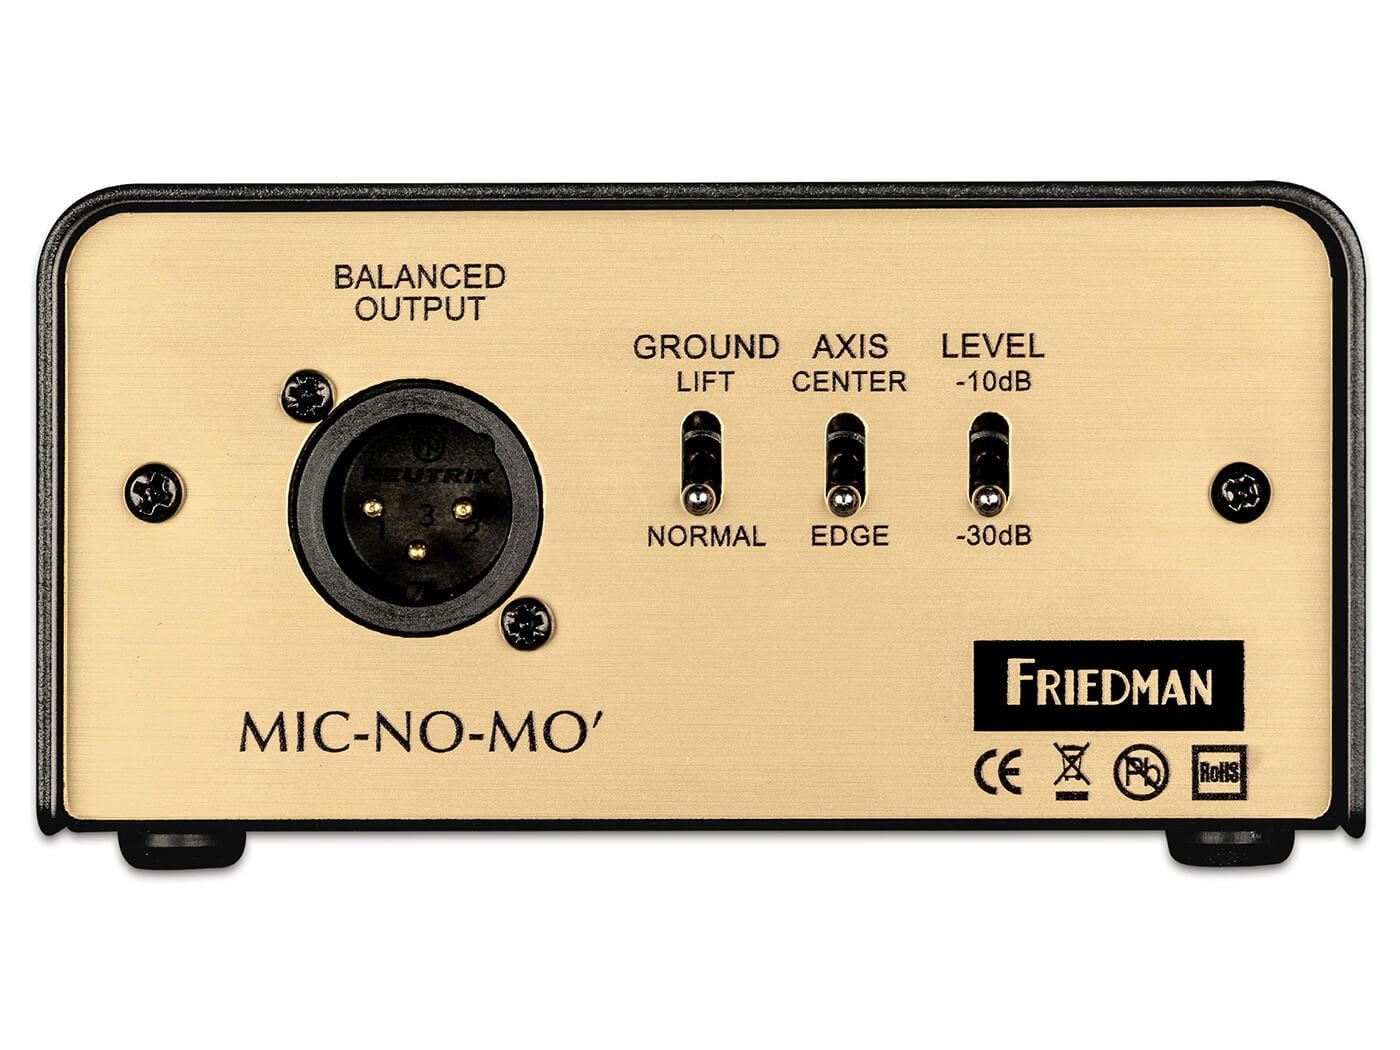 Friedman mic-no-mic rear